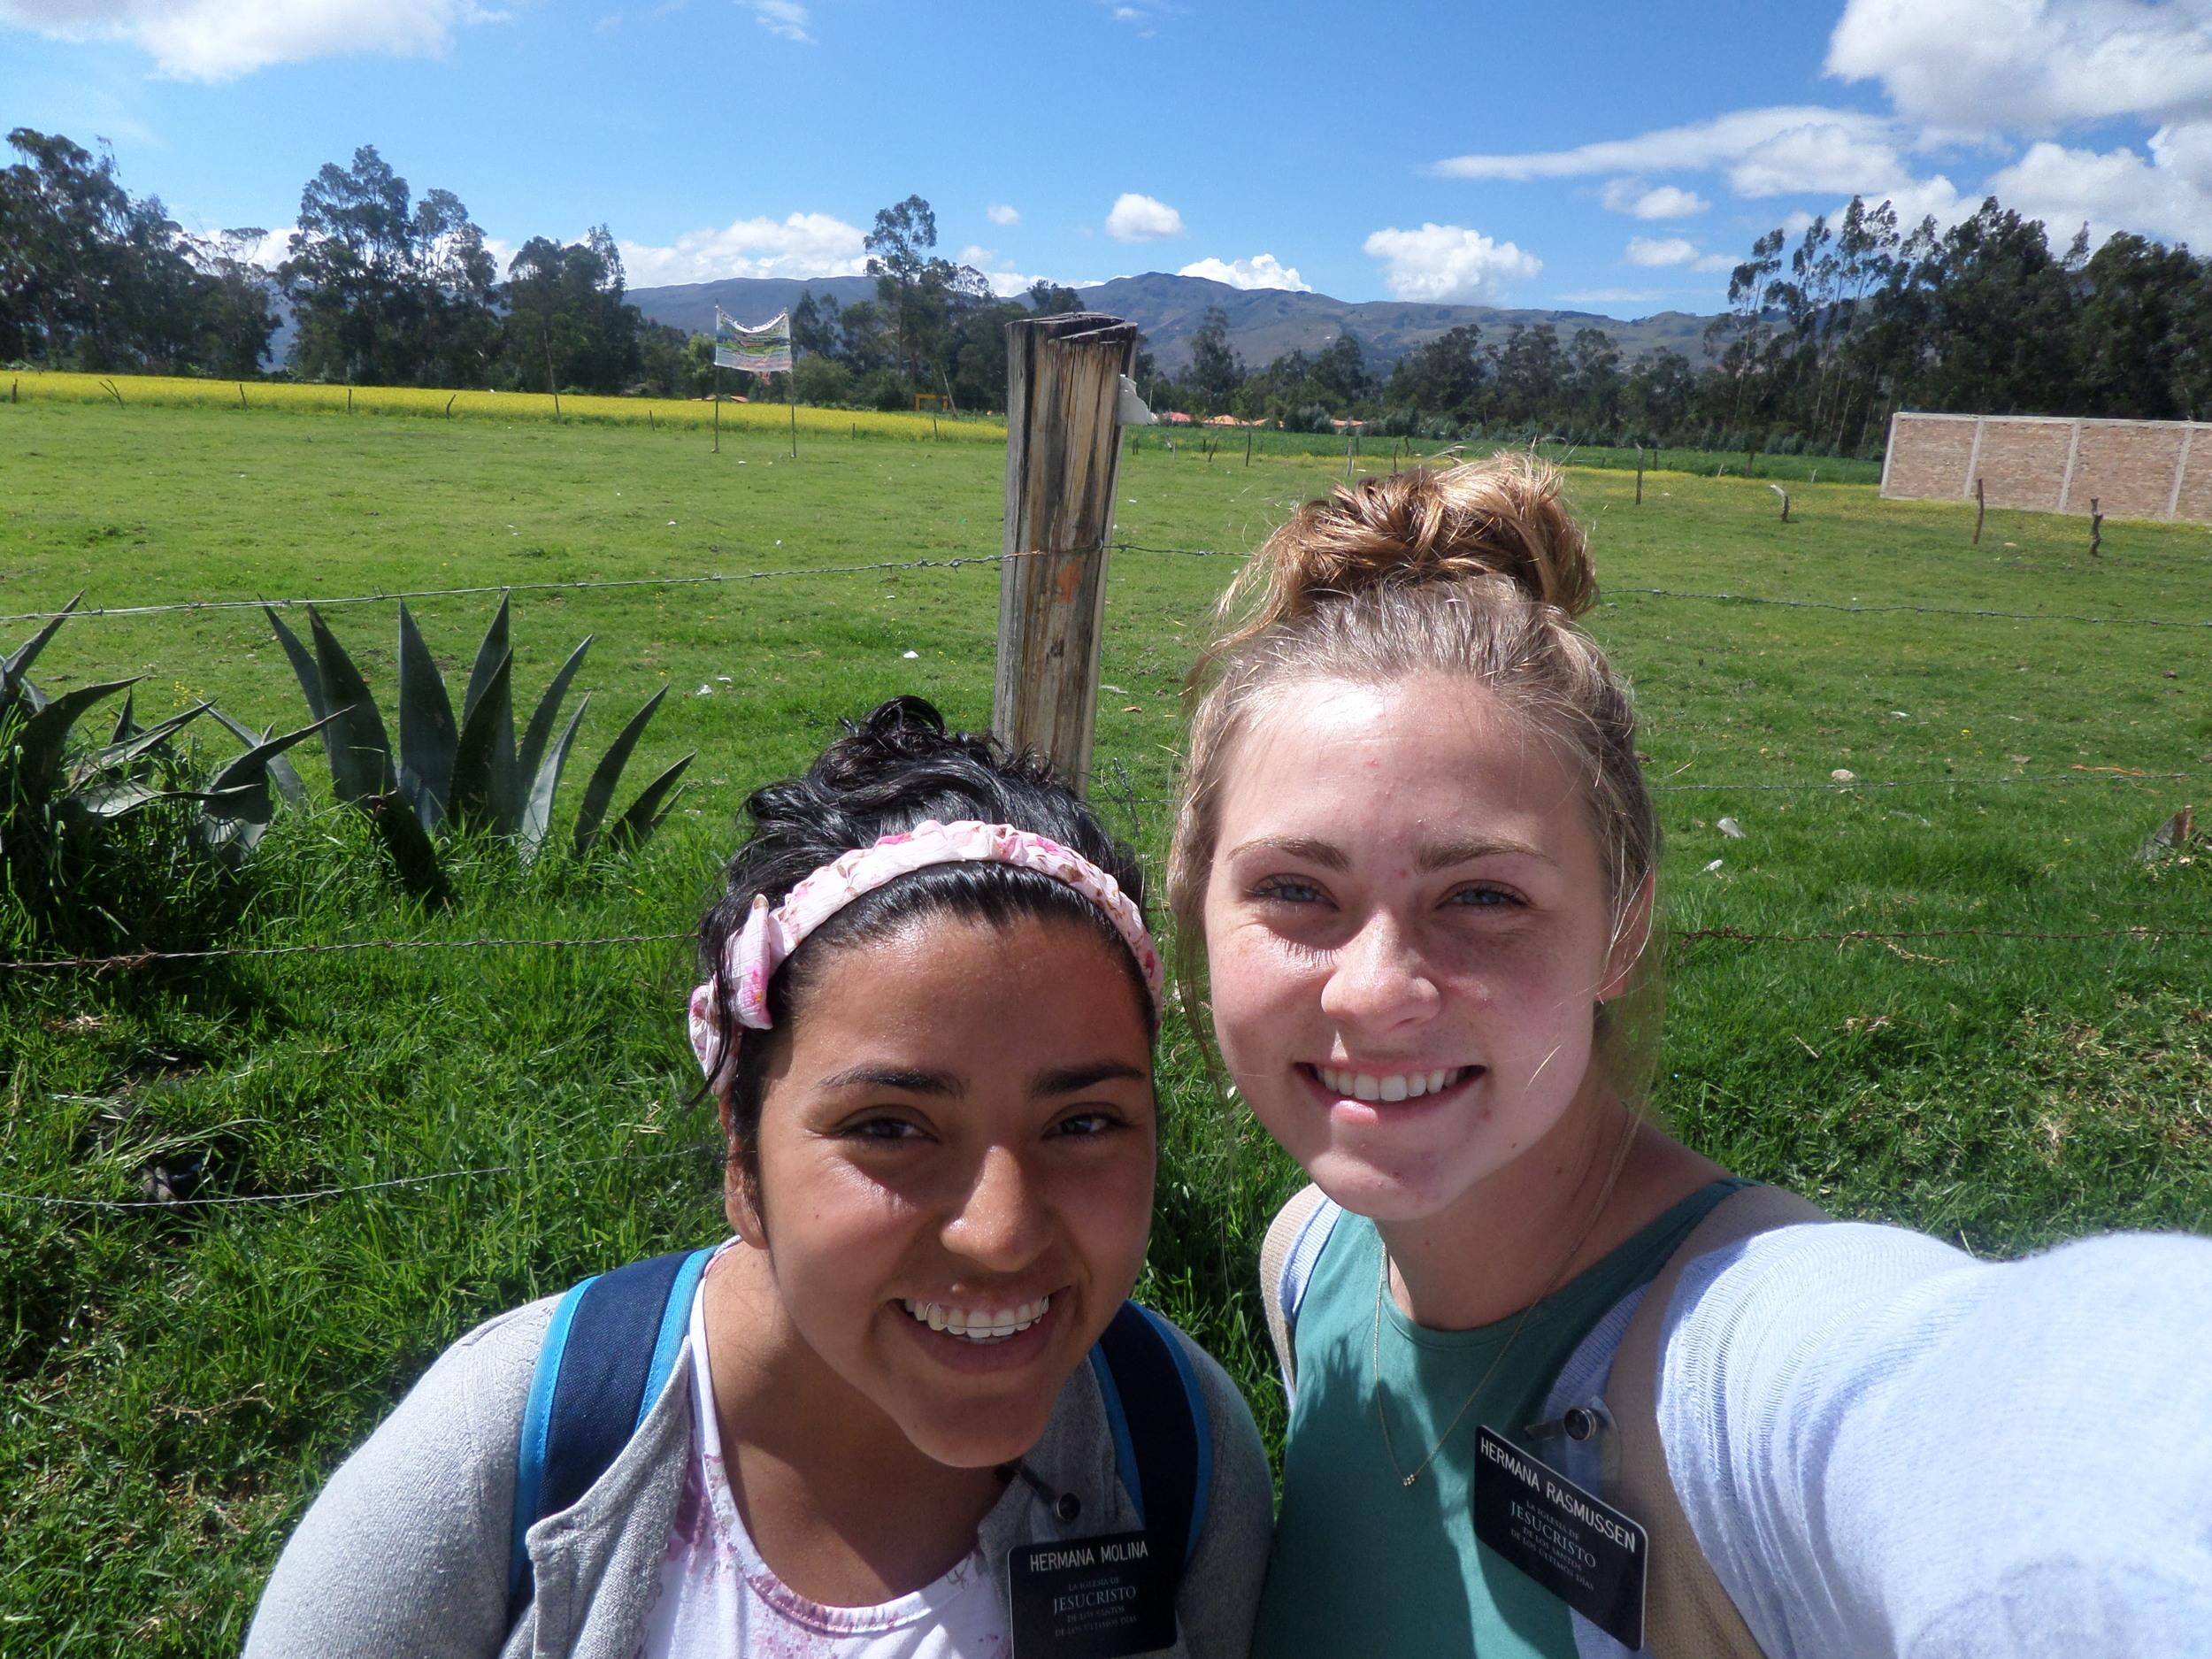 With Hermana Molina.